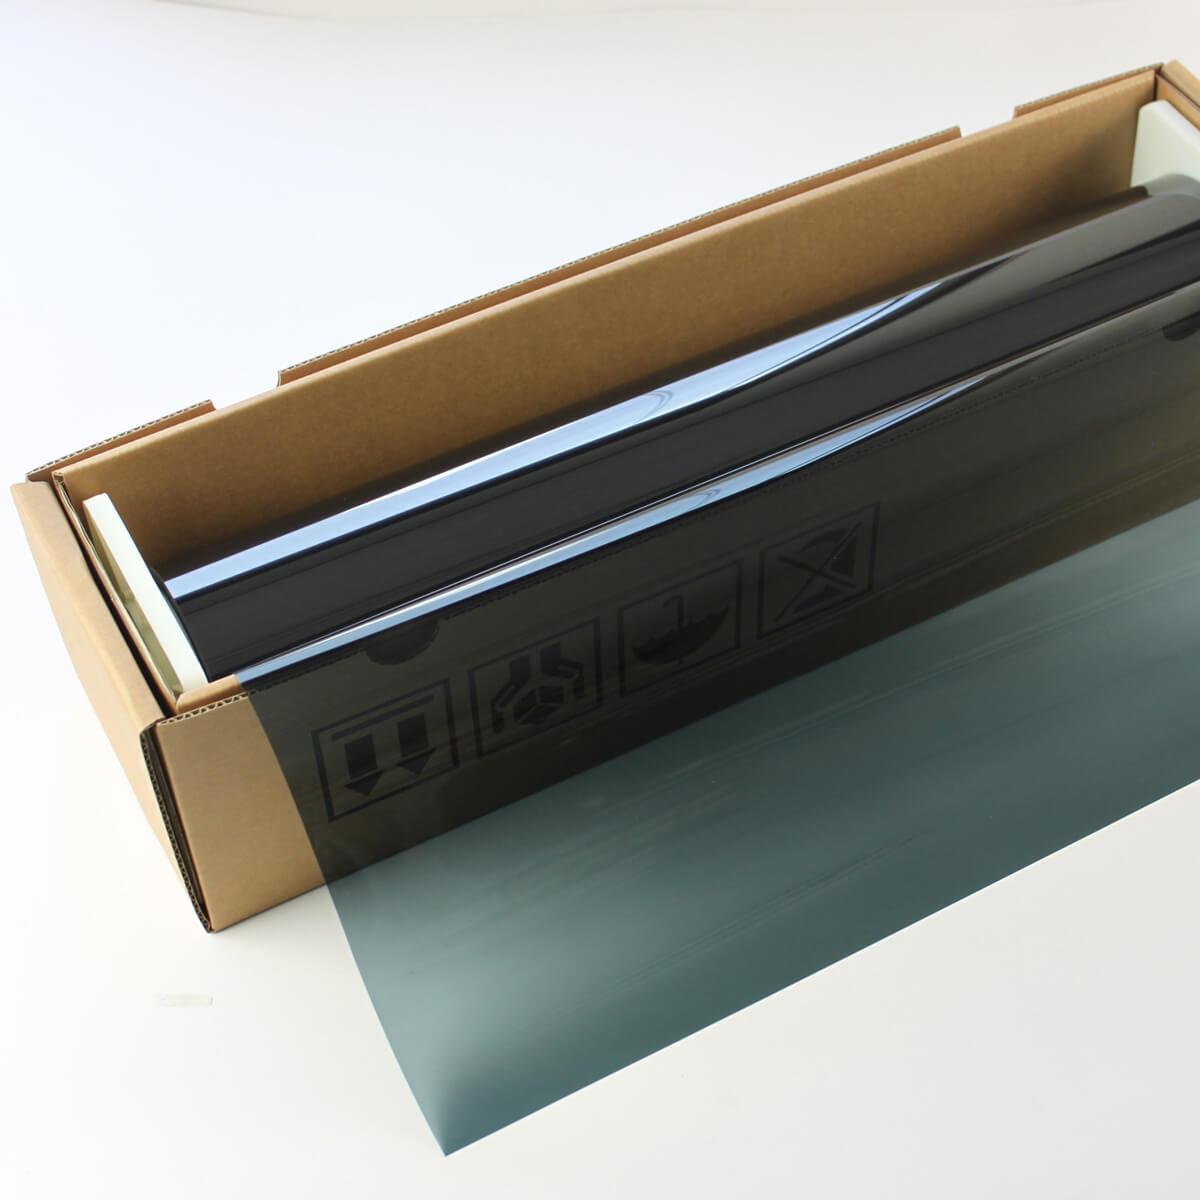 ウィンドウフィルム 窓ガラスフィルム スーパーUV400グリーン30(28%) 50cm幅×30mロール箱売 遮熱フィルム 断熱フィルム UVカットフィルム ブレインテック Braintec